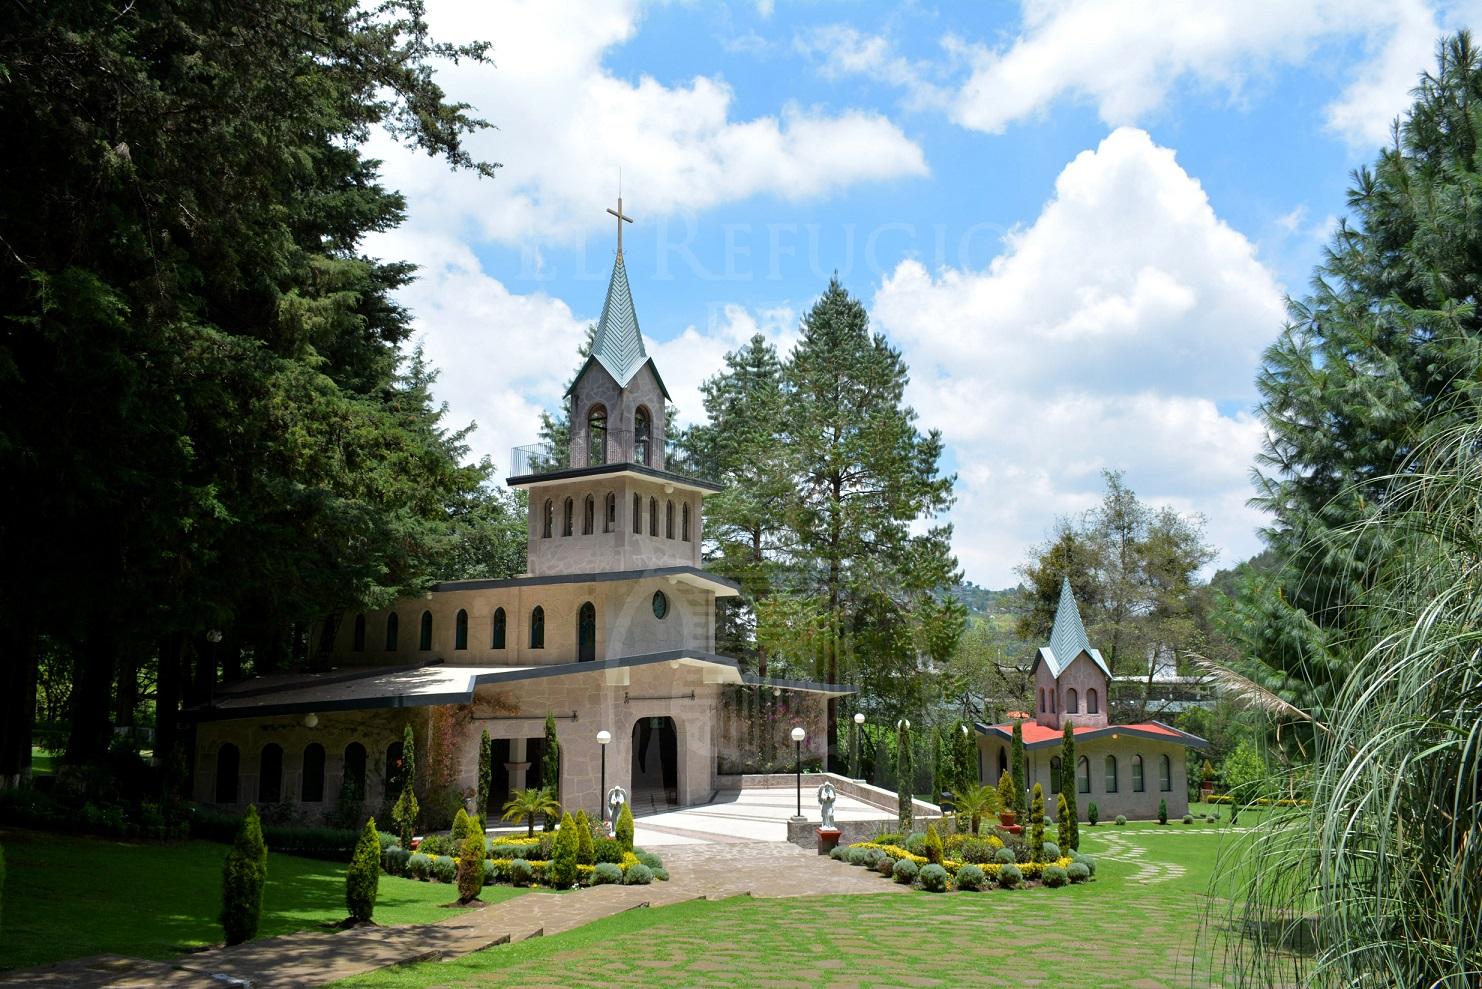 Iglesia Nuestra Sra del Refugio_El Refugio del Águila